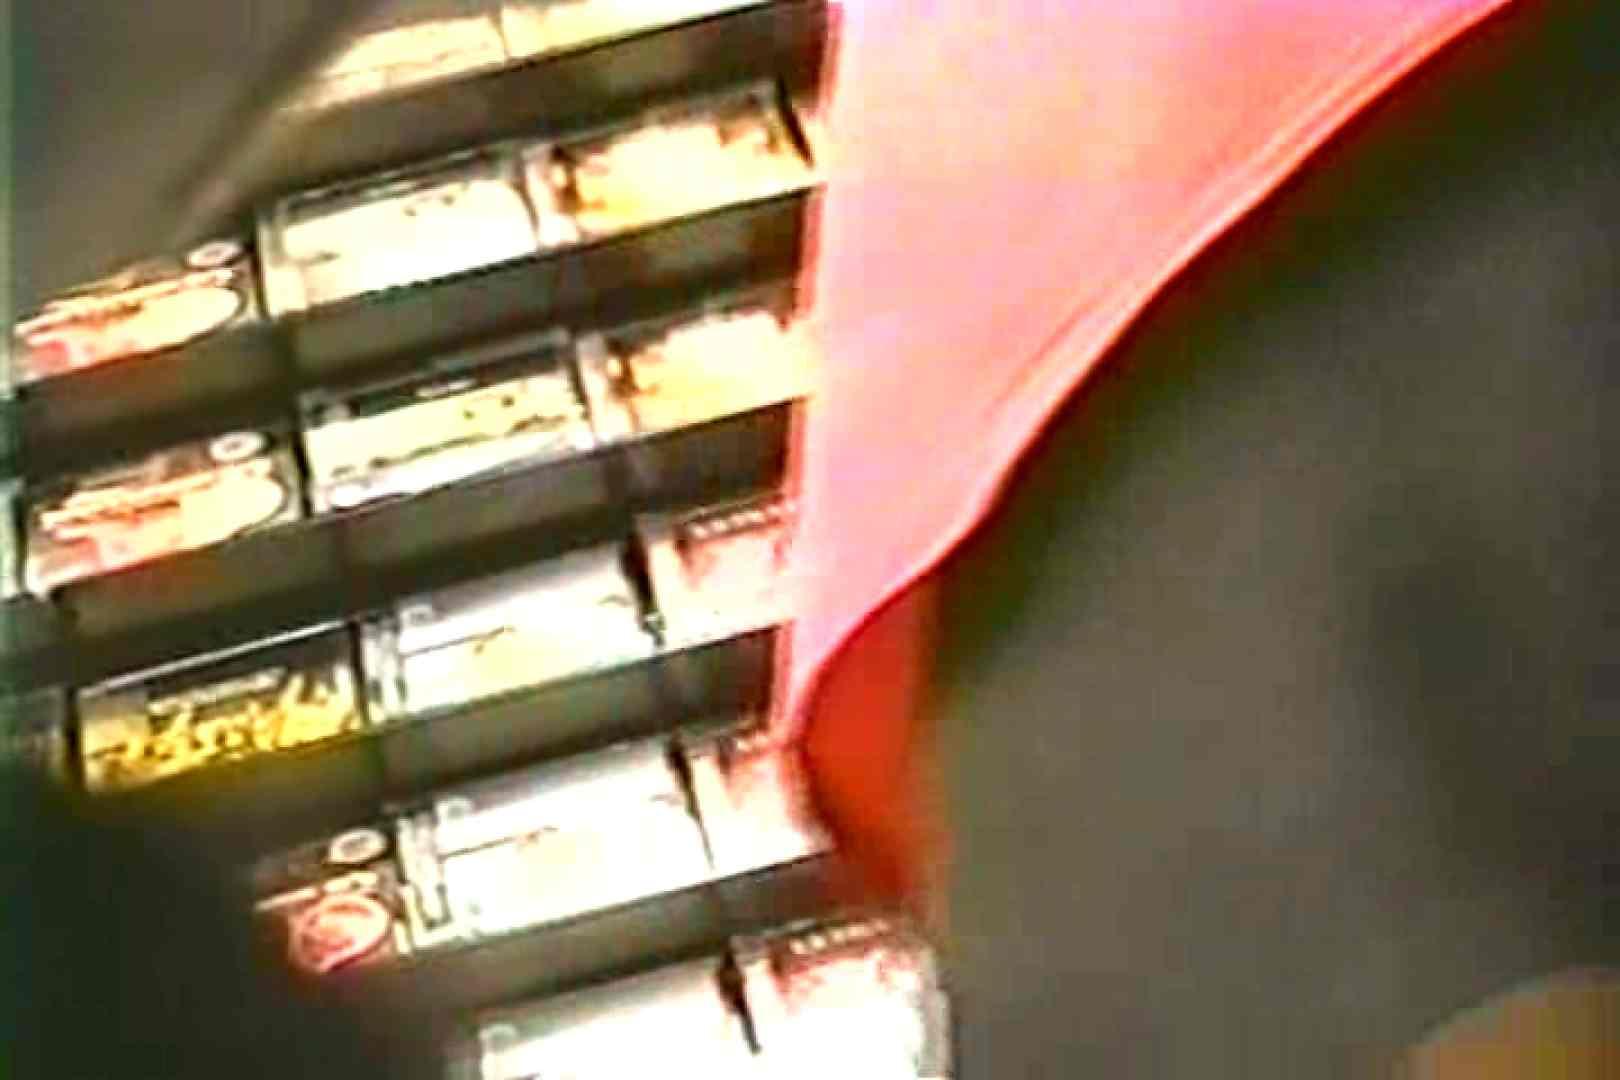 「ちくりん」さんのオリジナル未編集パンチラVol.9_02 OL女体 | パンツ  65連発 29